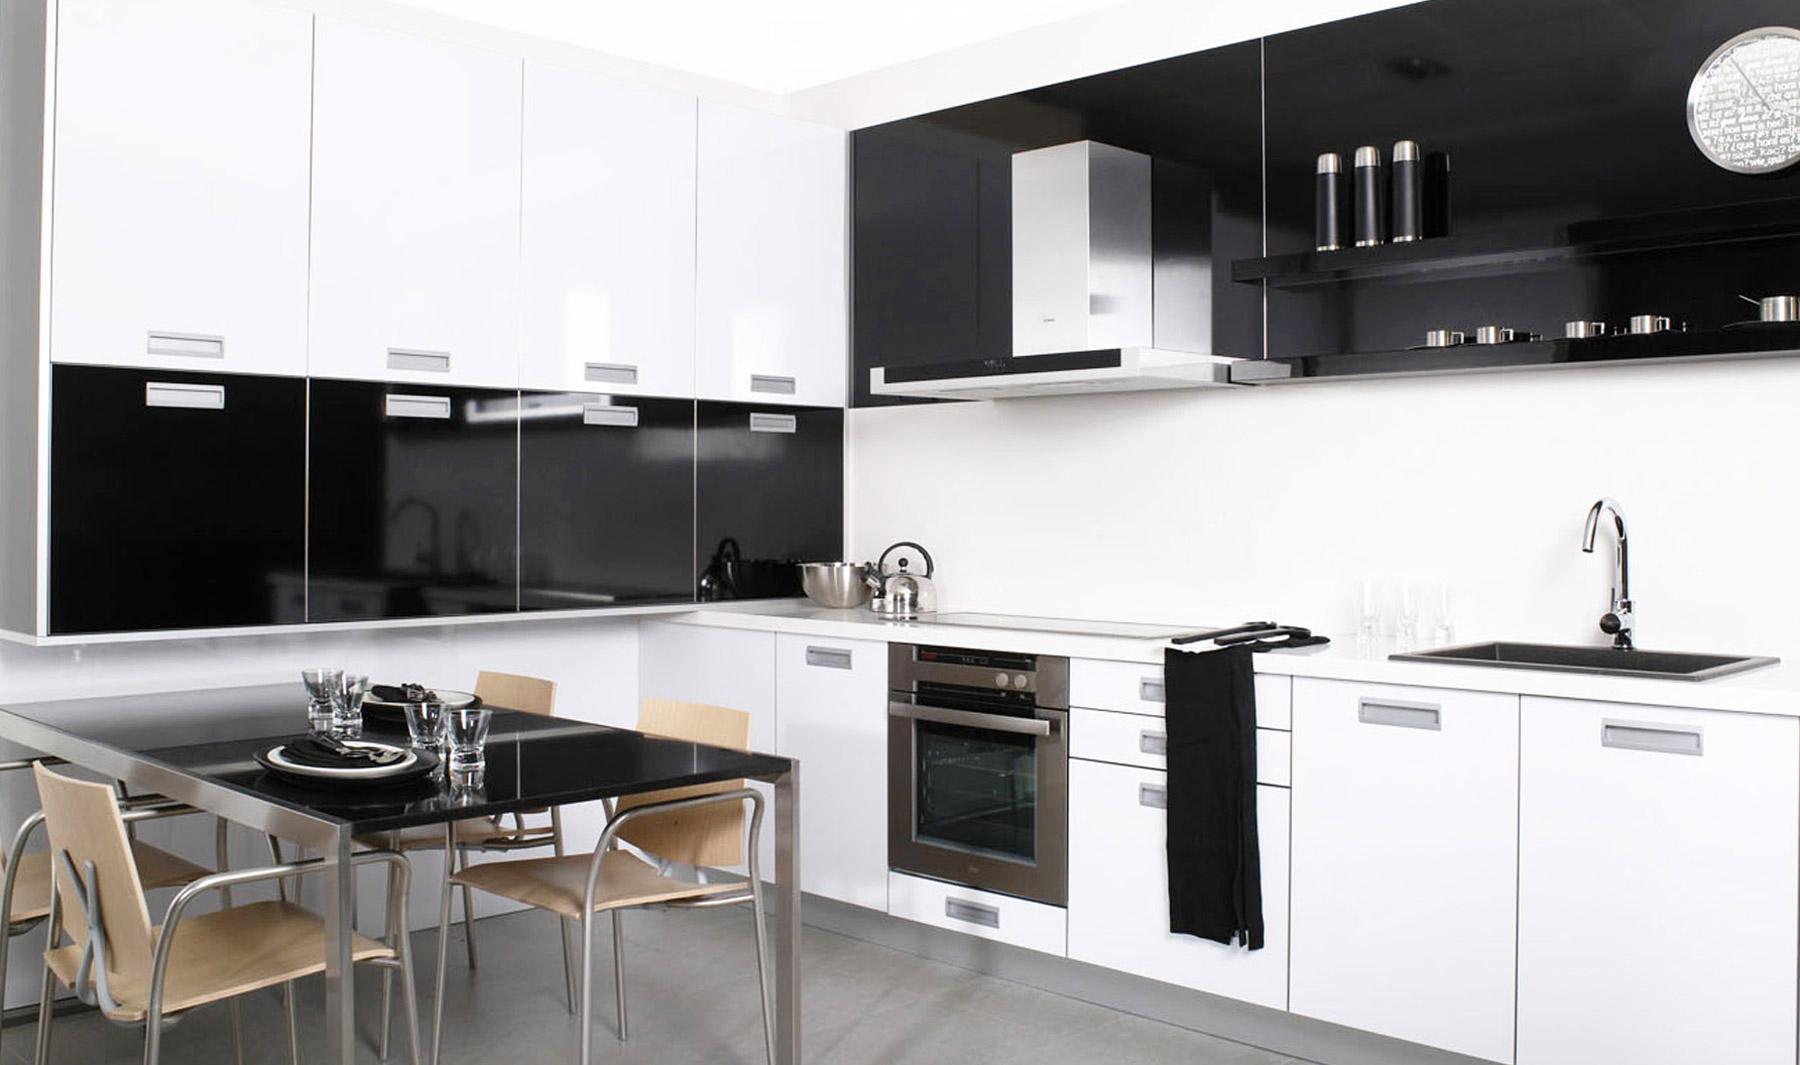 Cocinas integrales modernas para espacios peque os for Modelos de cocinas en espacios pequenos